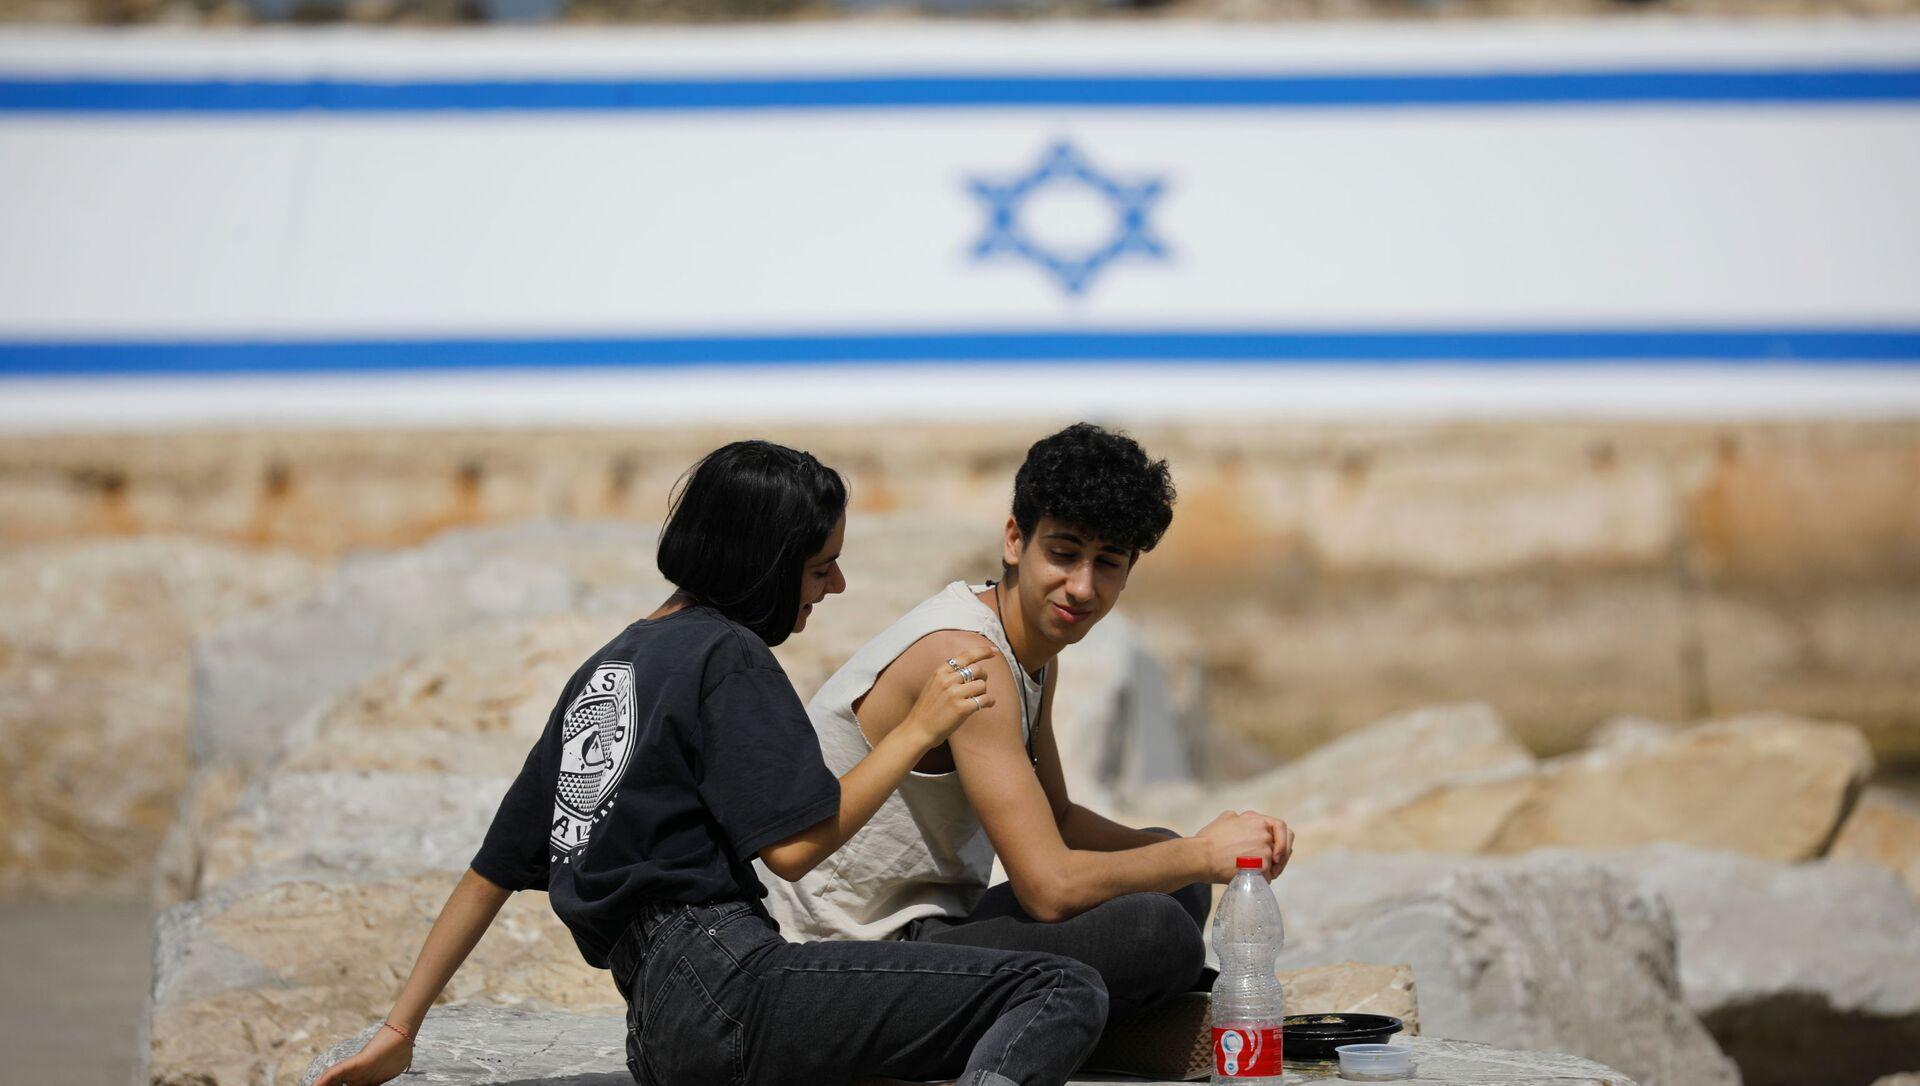 İsrail'de son sürat toplu aşılama sayesinde dışarıda maske takma zorunluluğu kaldırıldı.İsrailliler çıplak yüzle açık havaya çıkmanın tadını çıkardı. (18 Nisan 2021) - Sputnik Türkiye, 1920, 18.04.2021